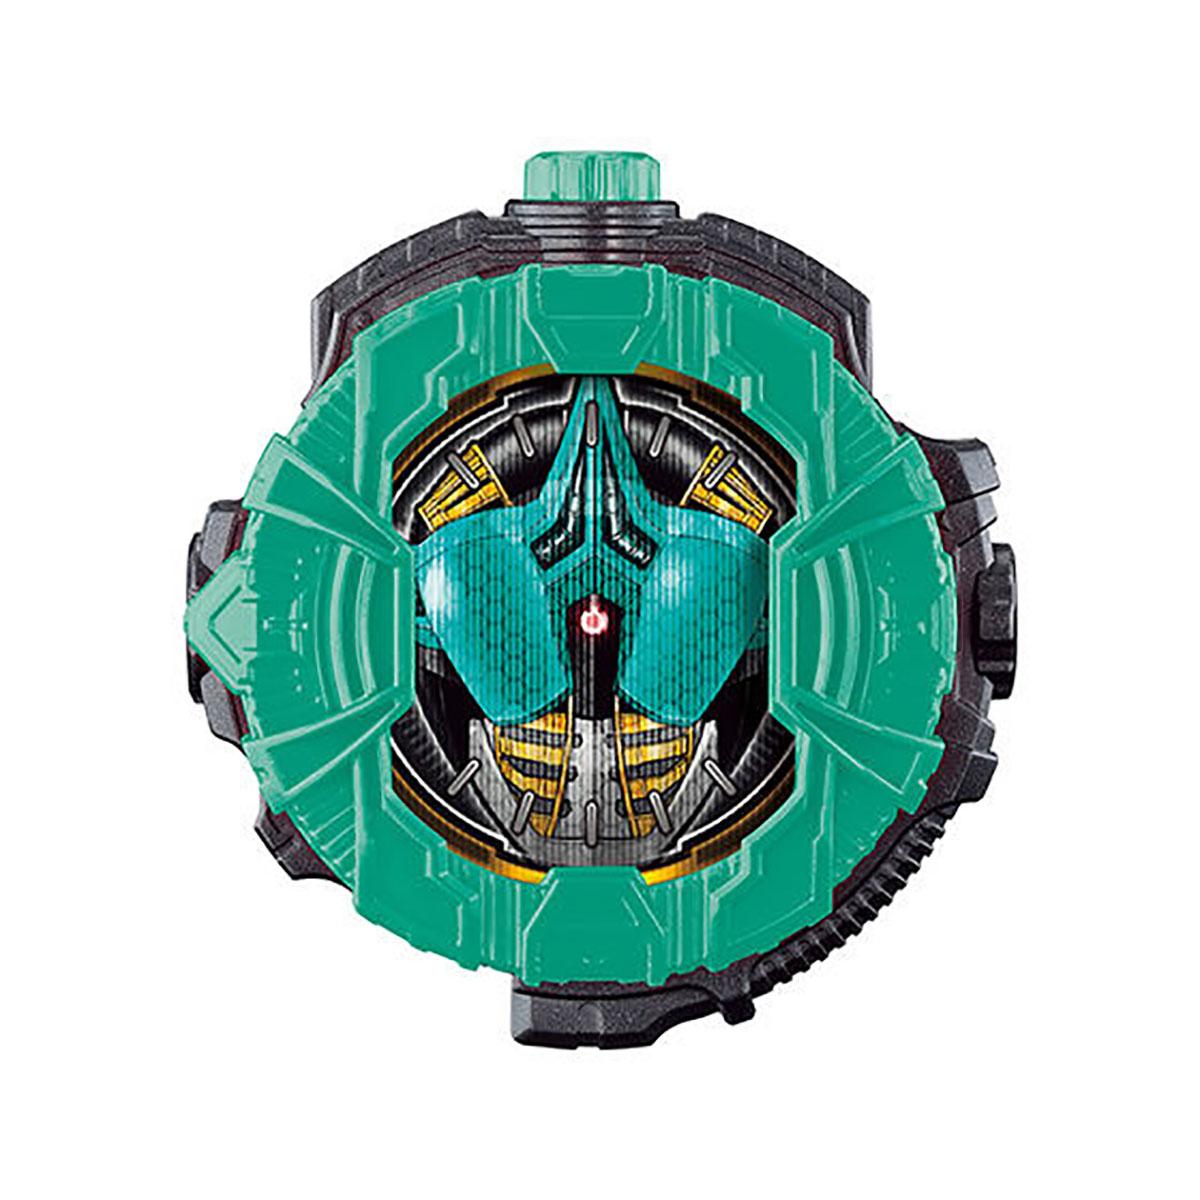 仮面ライダージオウ サウンドライドウォッチシリーズ『GPライドウォッチ06』ガシャポン-004